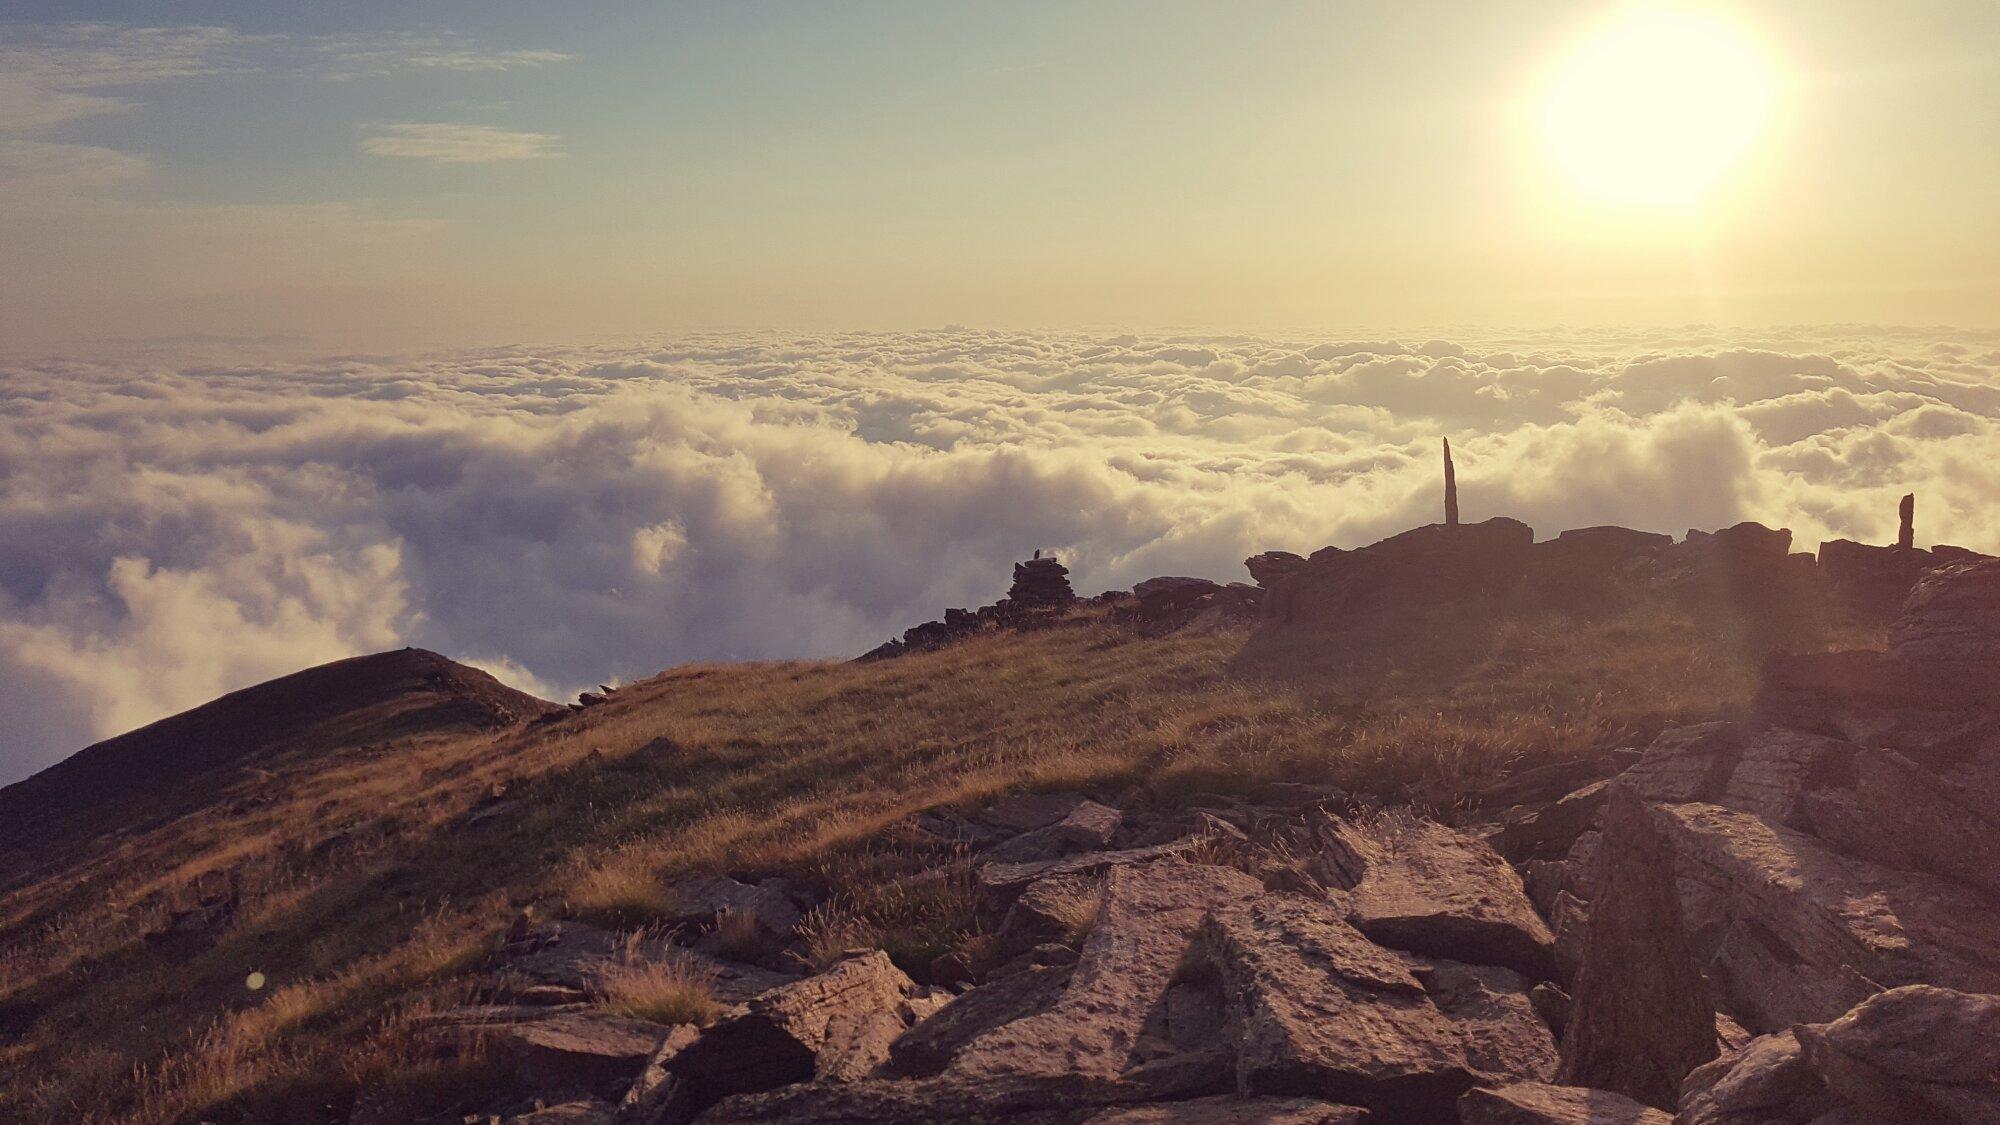 Vue sur la vallée espagnole depuis la Crête du Barbet (Massif du Canigou)